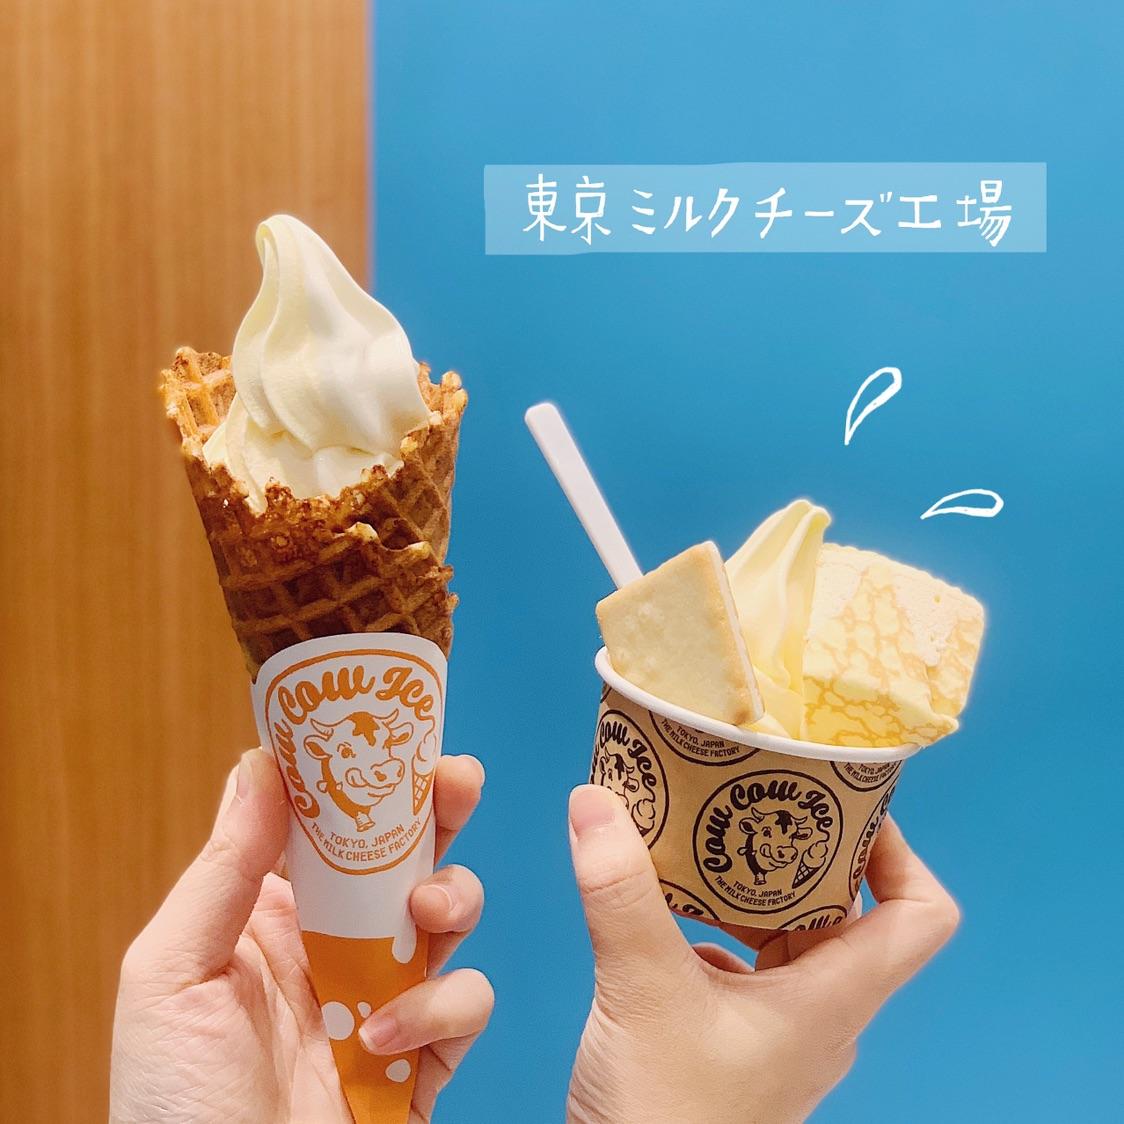 微風南山10間IG打卡夯店特搜!東京牛奶起司工廠、金葉名氣餅、巴西莓果碗,帶你從4F逛到B2啦!